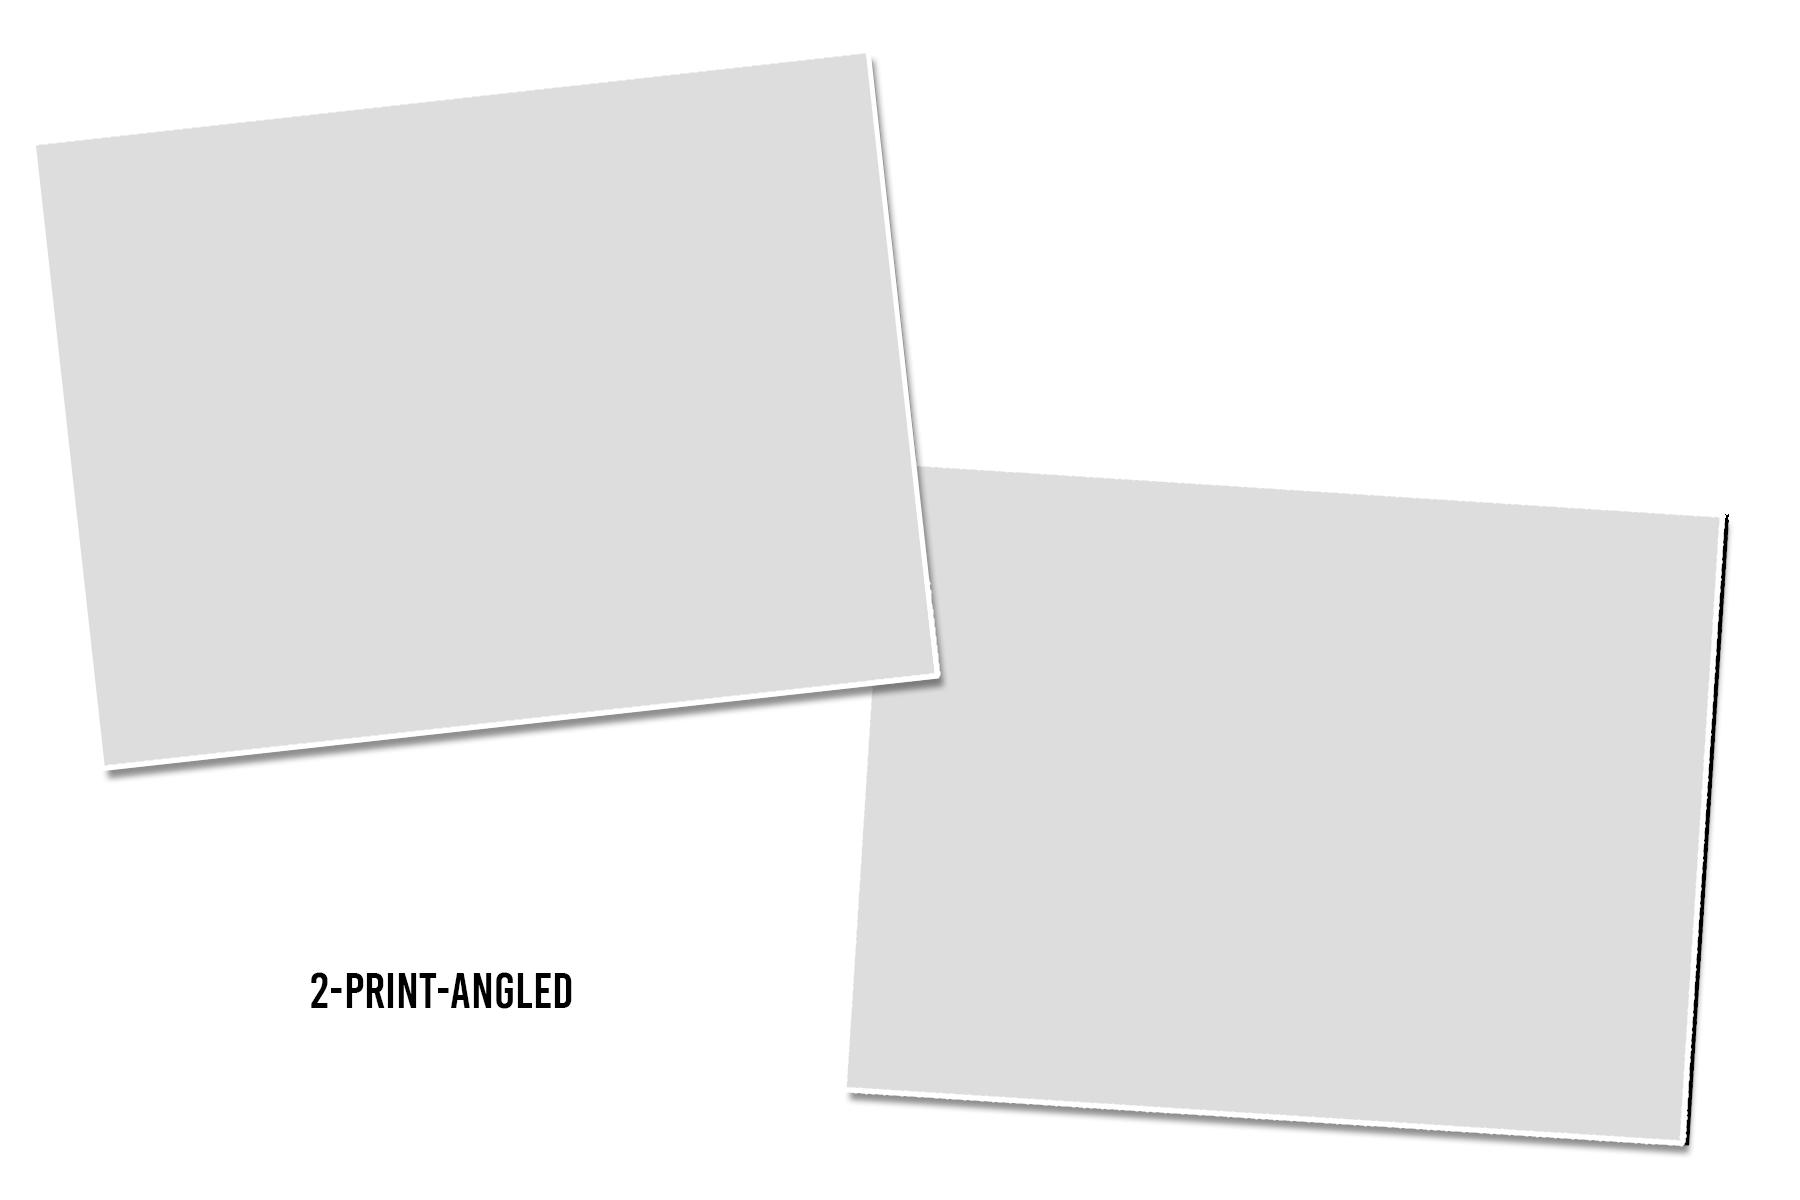 2-print-angled